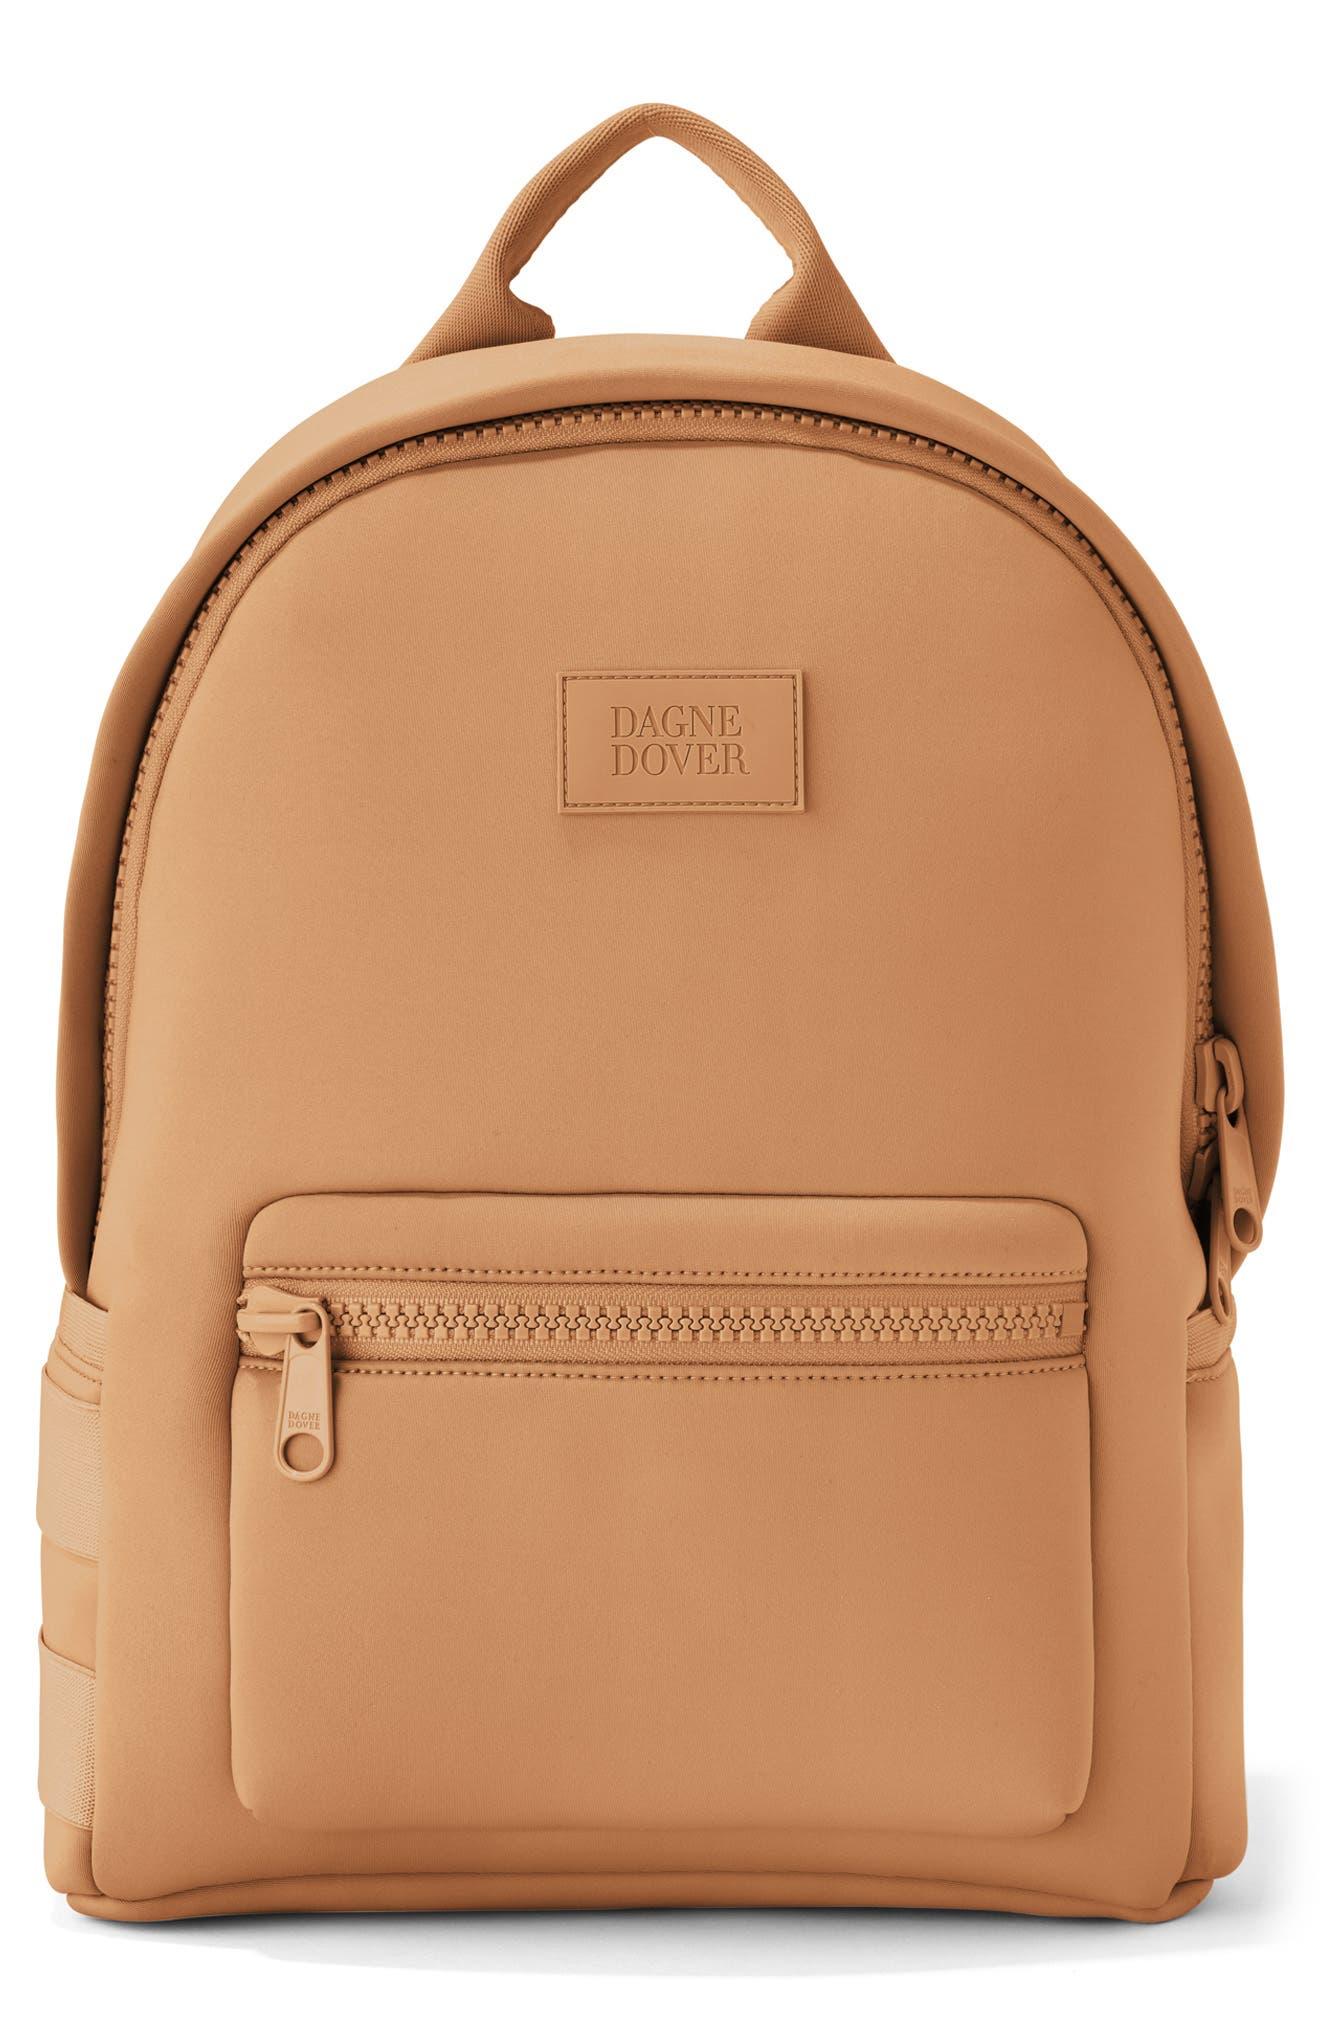 Woman Backpack Medium Size Backpack Woman Rucksack Eco Friendly Backpack Handmade Backpack Bike Bag. Silver Backpack